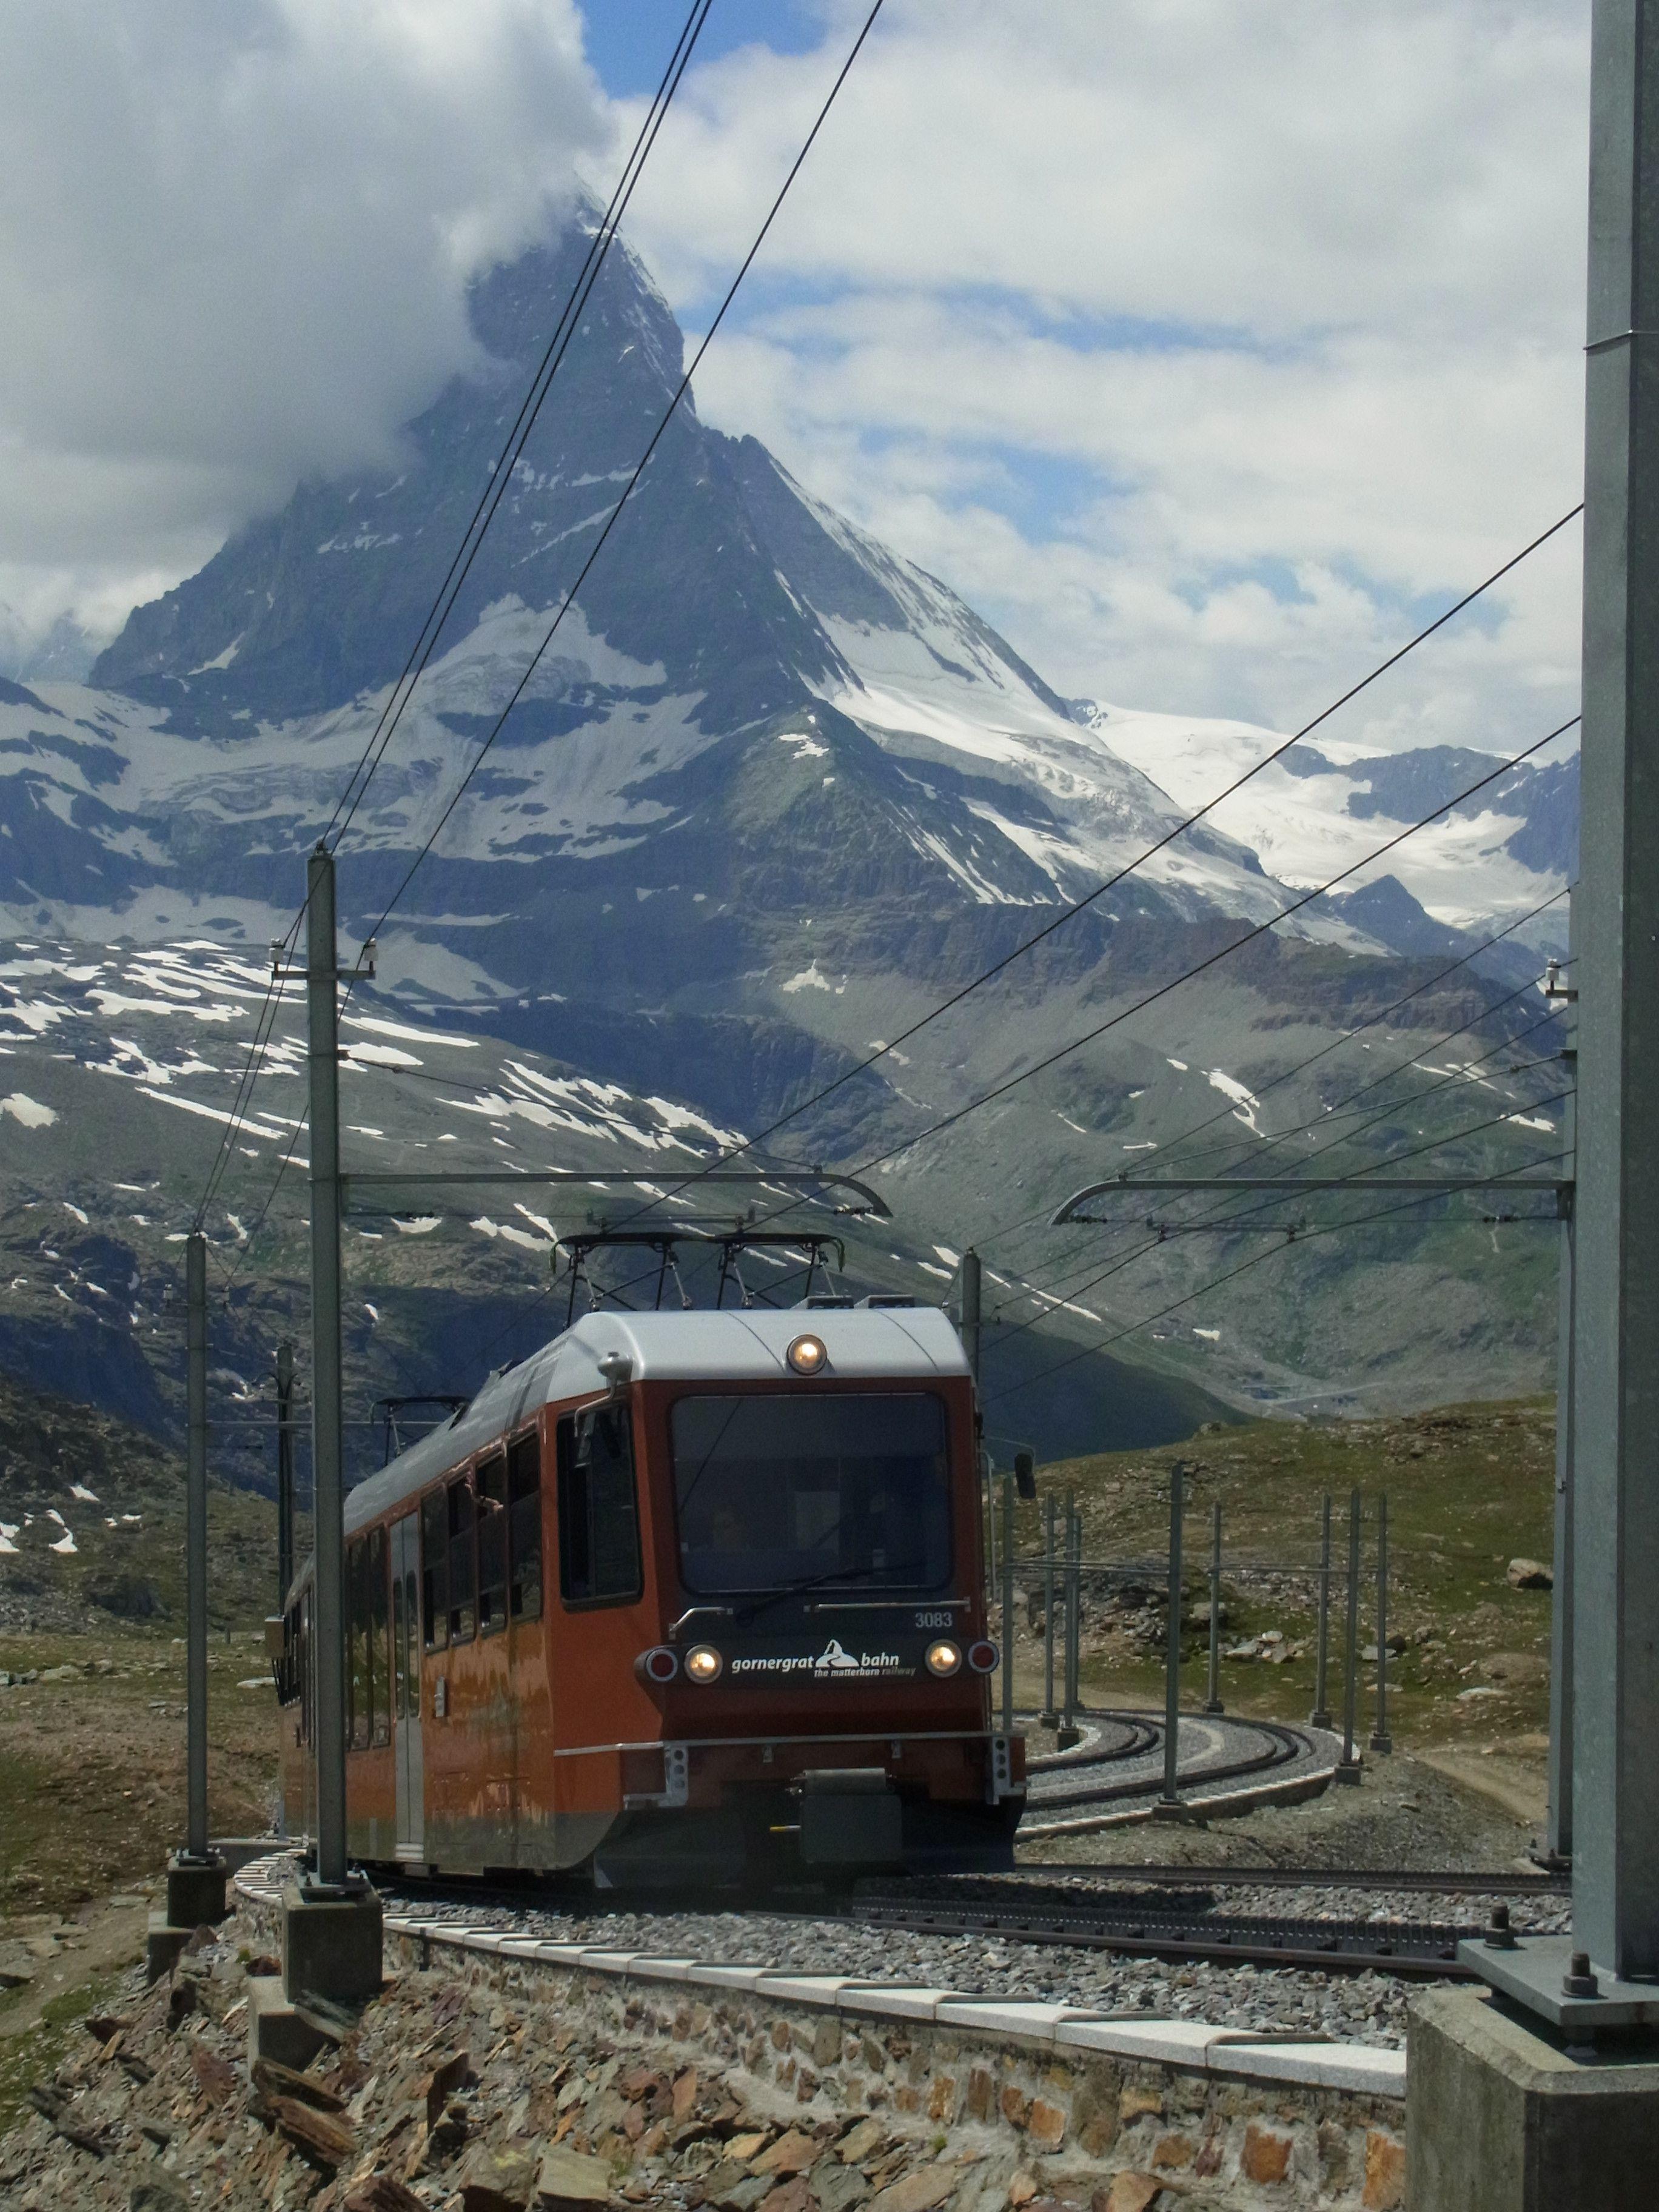 Gornergrat Bahn mit Matterhorn. Schweiz.